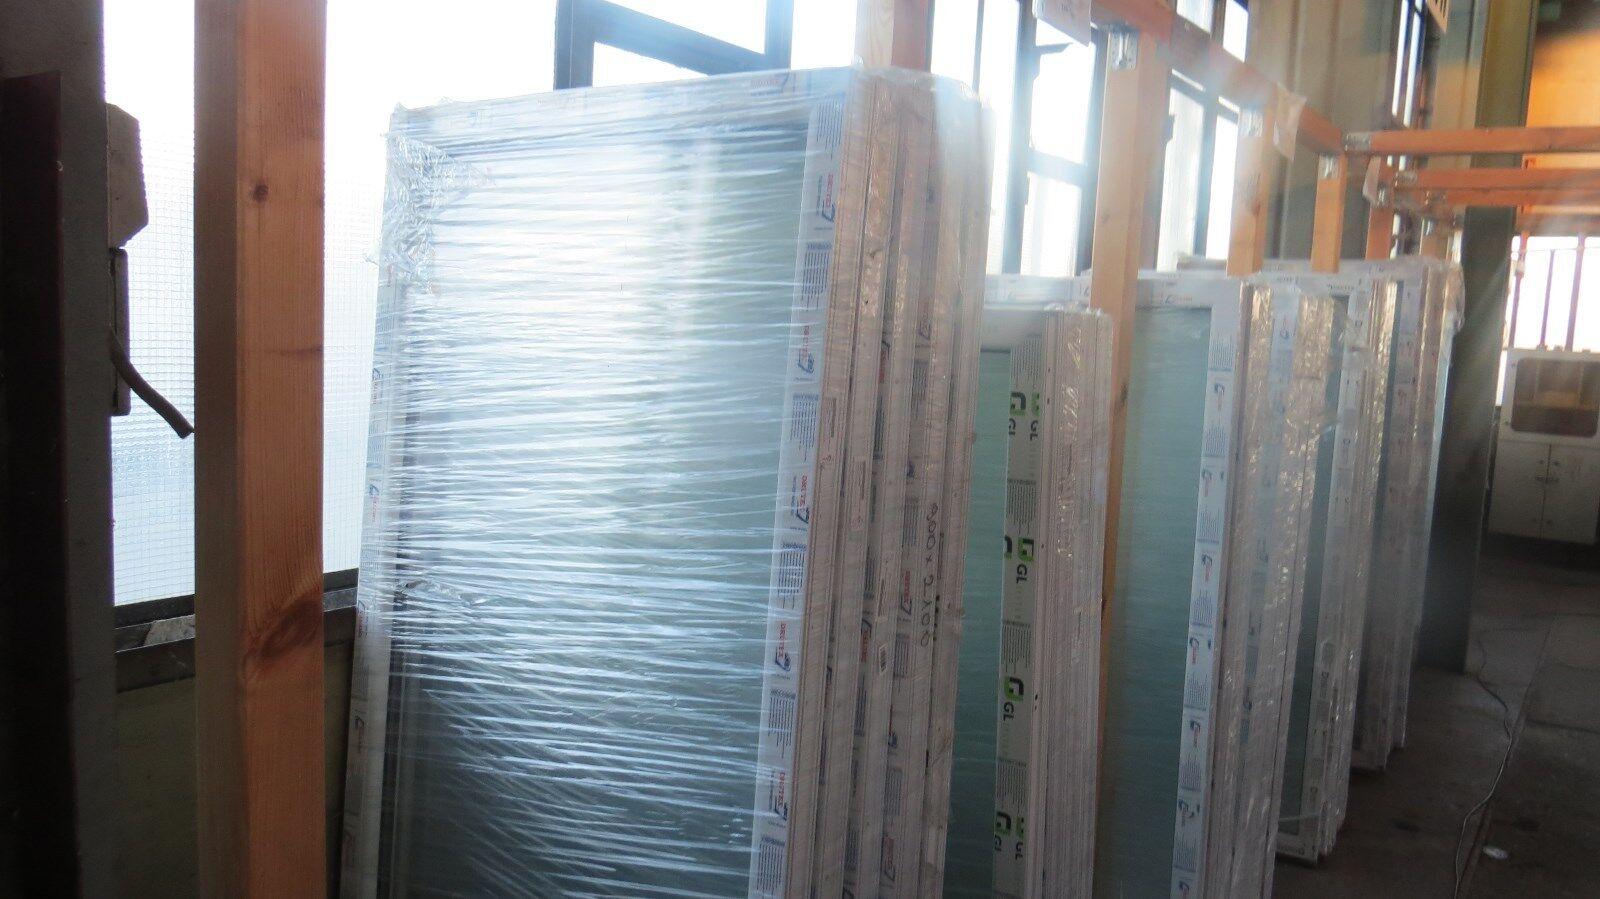 Fest Verglasung vorrätig Fenster Festverglasung f. Gewächshaus oder Wintergarten